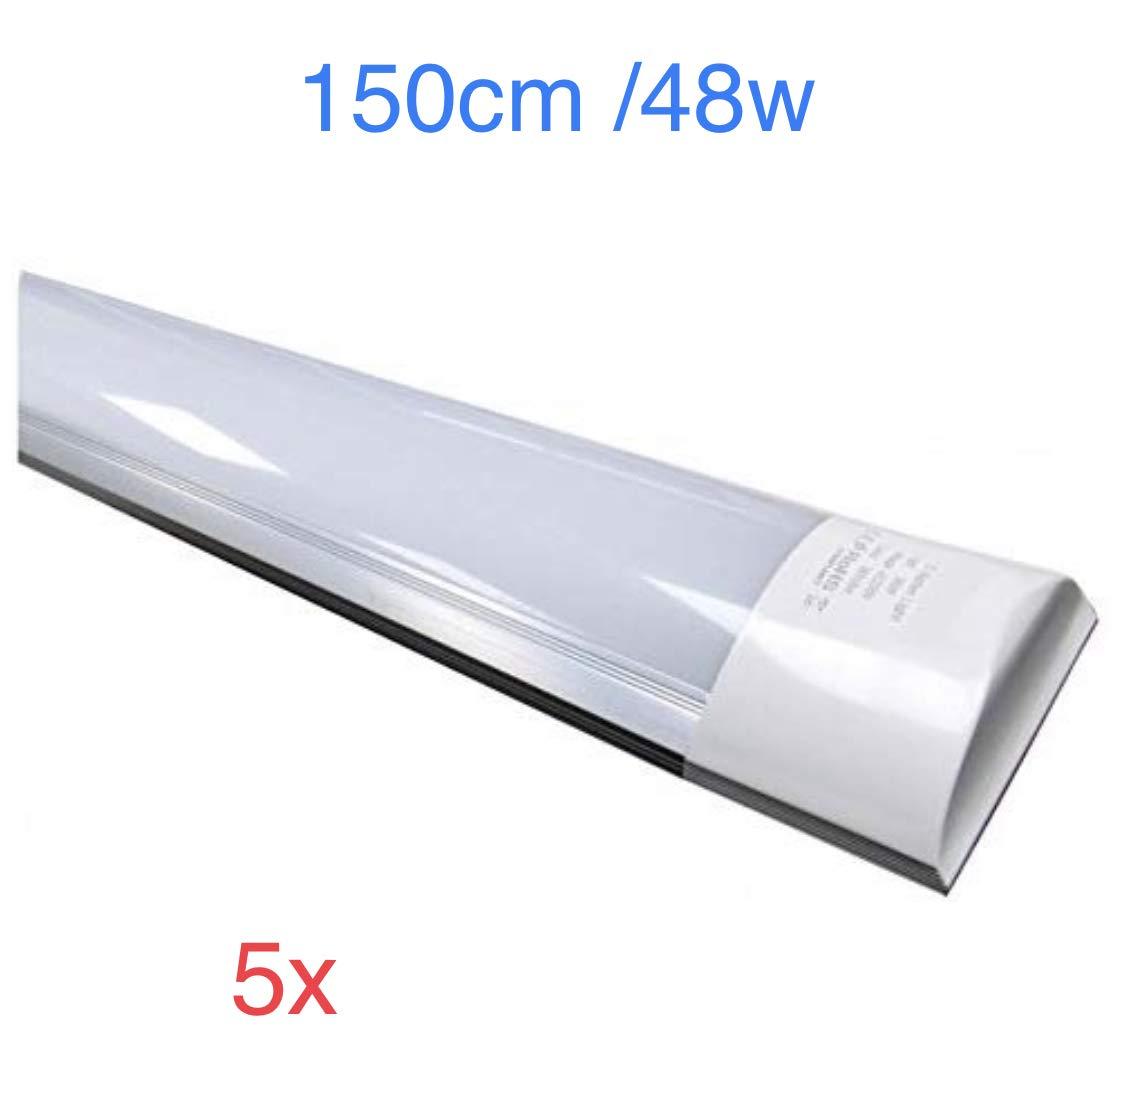 (150 cm) Display, eingebaute LED-Röhre T8, 48 W, kaltweiß (6500 K) staubdicht, entspricht 2 Größen Leuchtstoffröhren oder LED 4800 echten Lumen  Slim LED Leiste Pack 5x Kaltweiß (6500k)